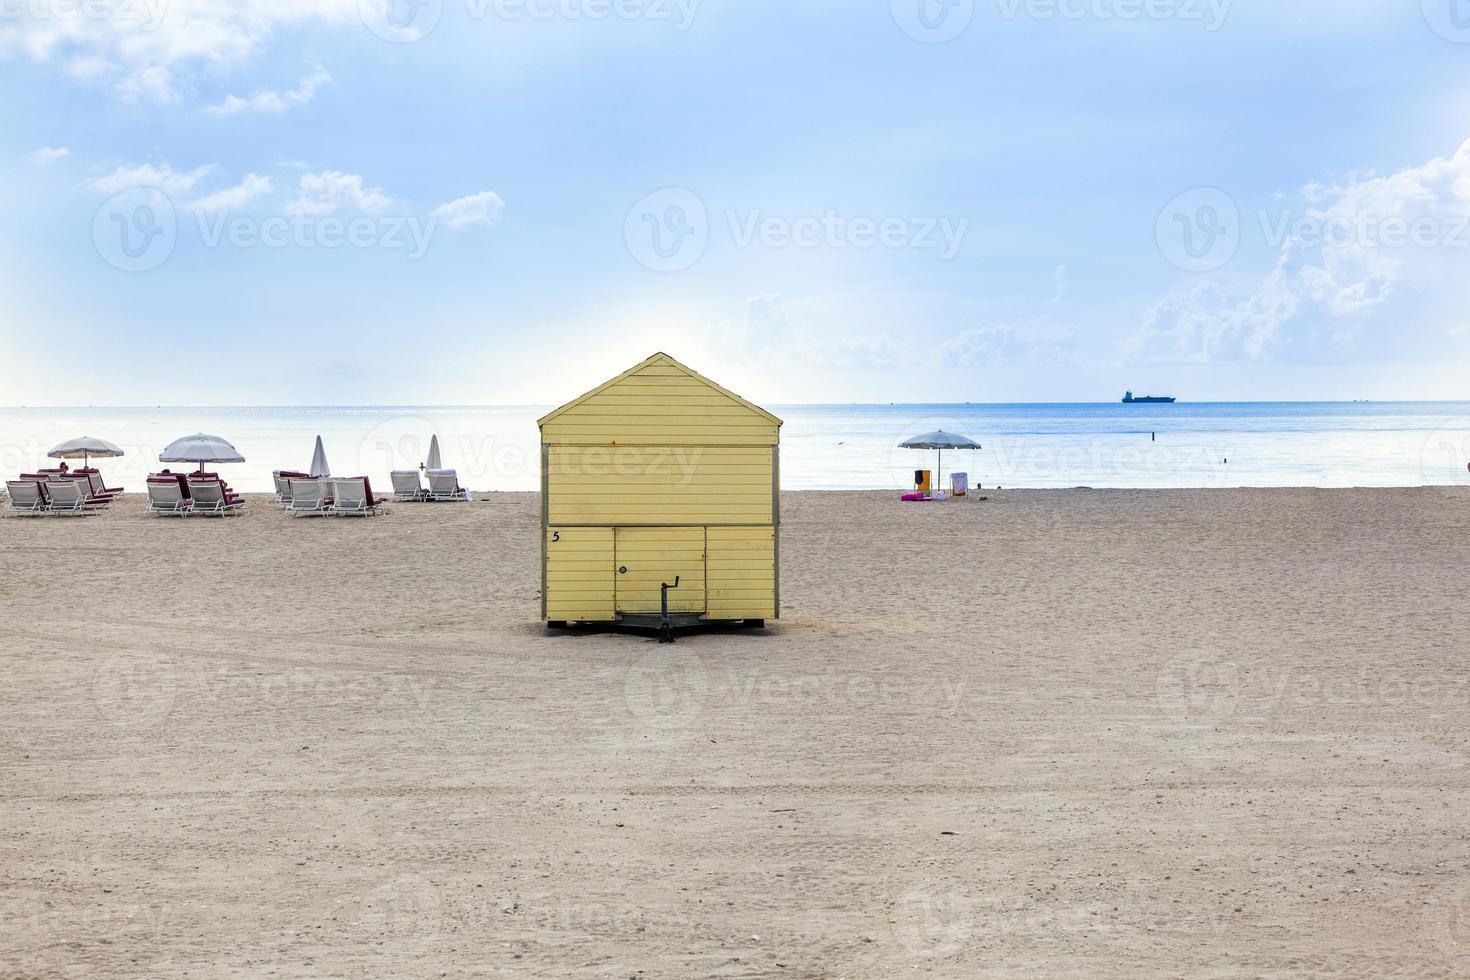 beachlife at the white beach in South Miami photo